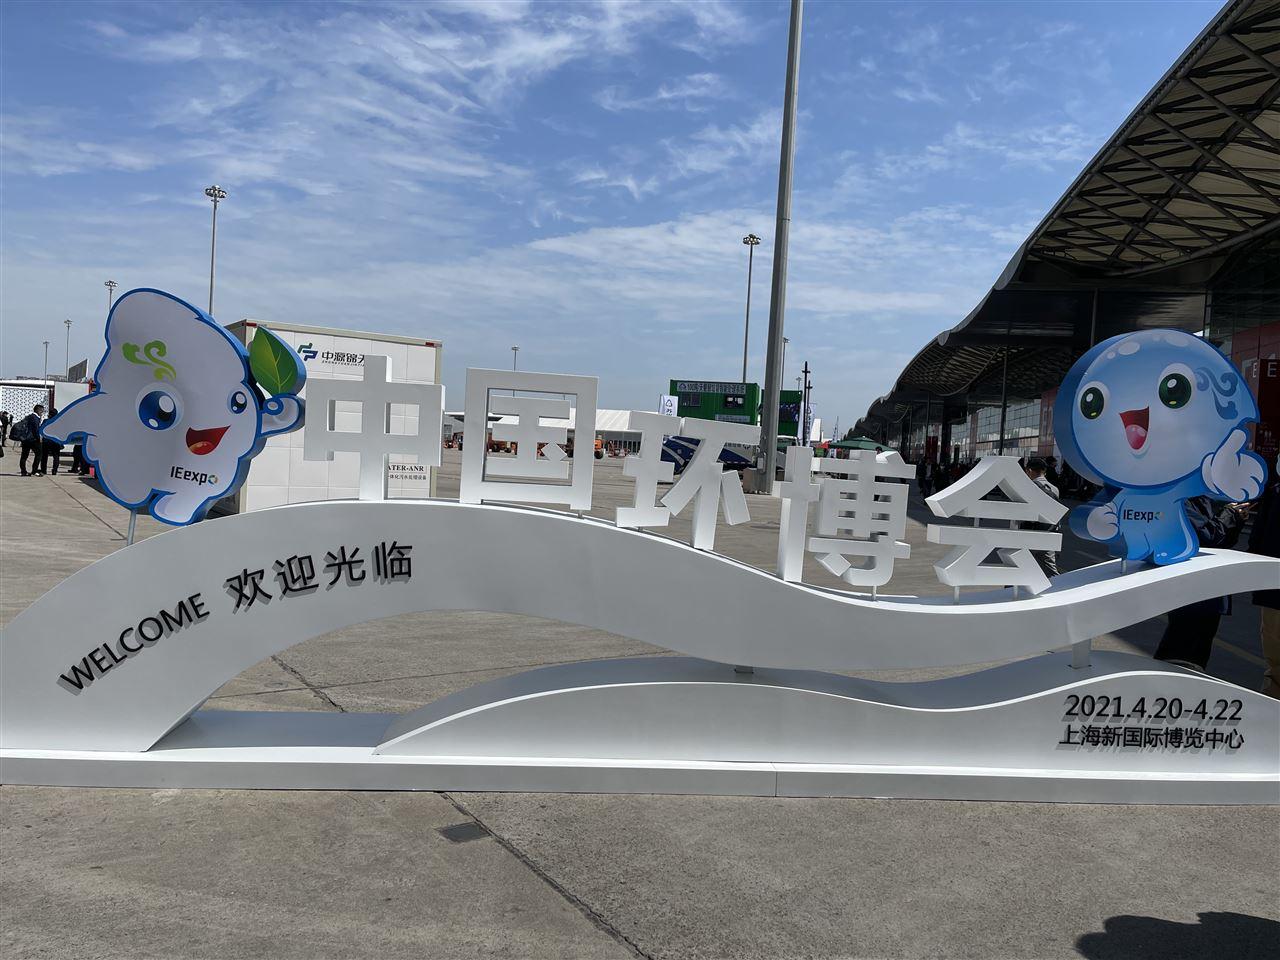 第22屆中國環博會盛大開幕!儀表網現場直擊